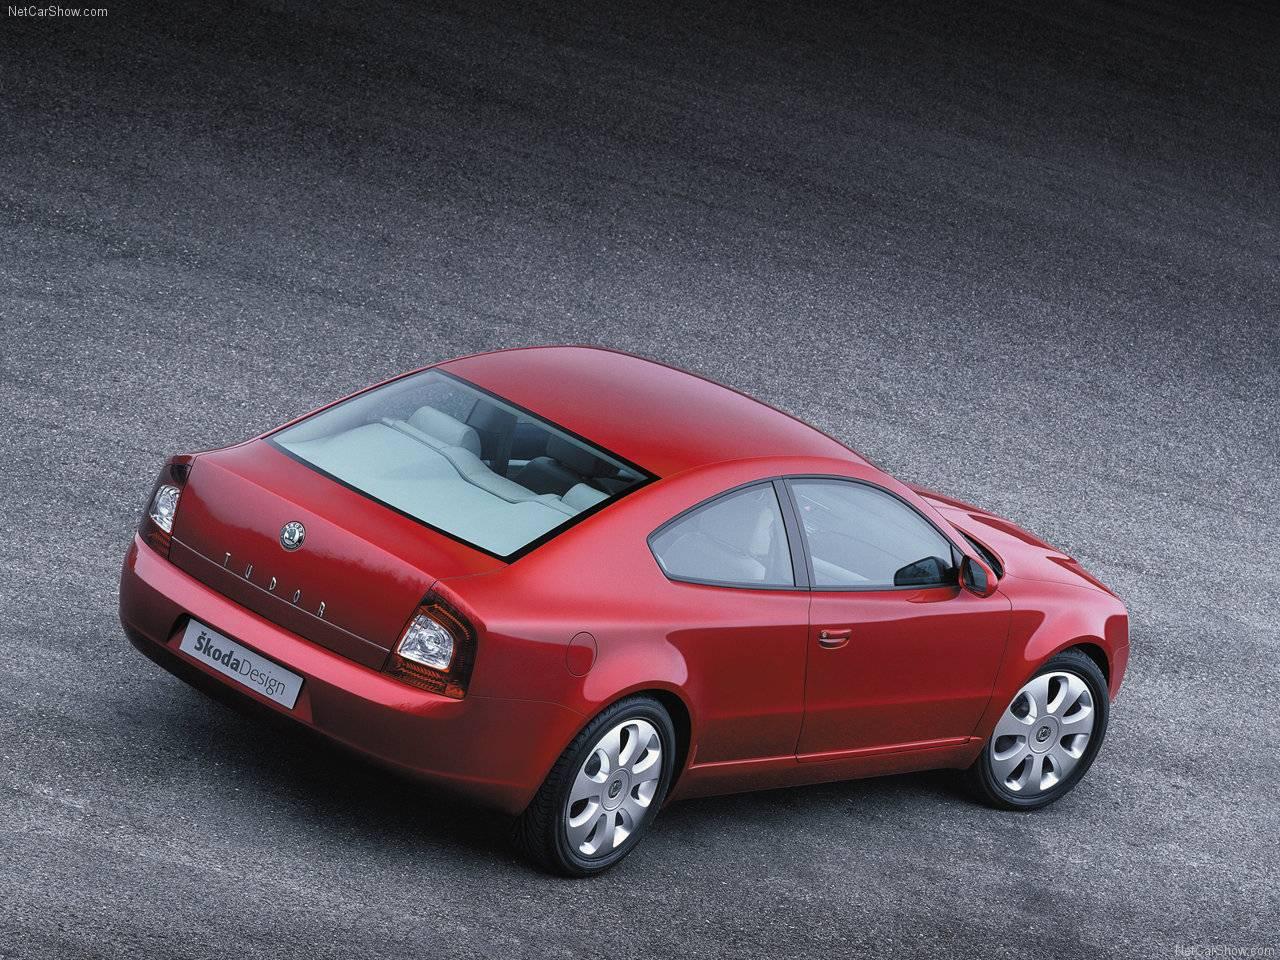 2002 Skoda Tudor Concept Skoda Cars